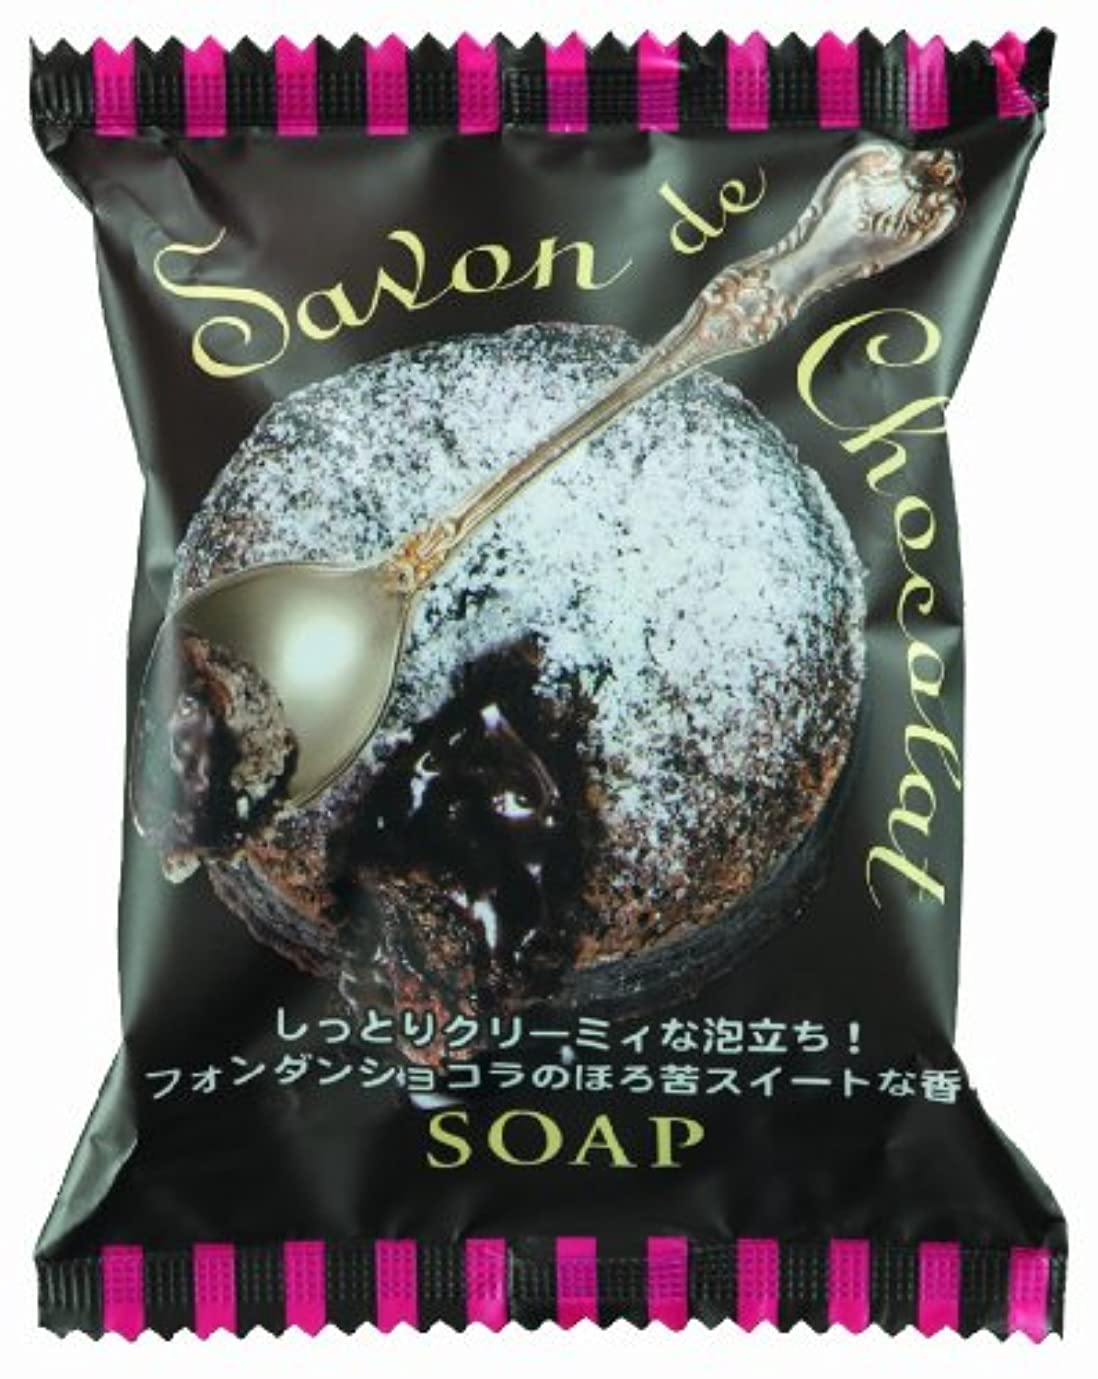 息切れ鉛提供するペリカン石鹸 サボンドショコラソープ 80g